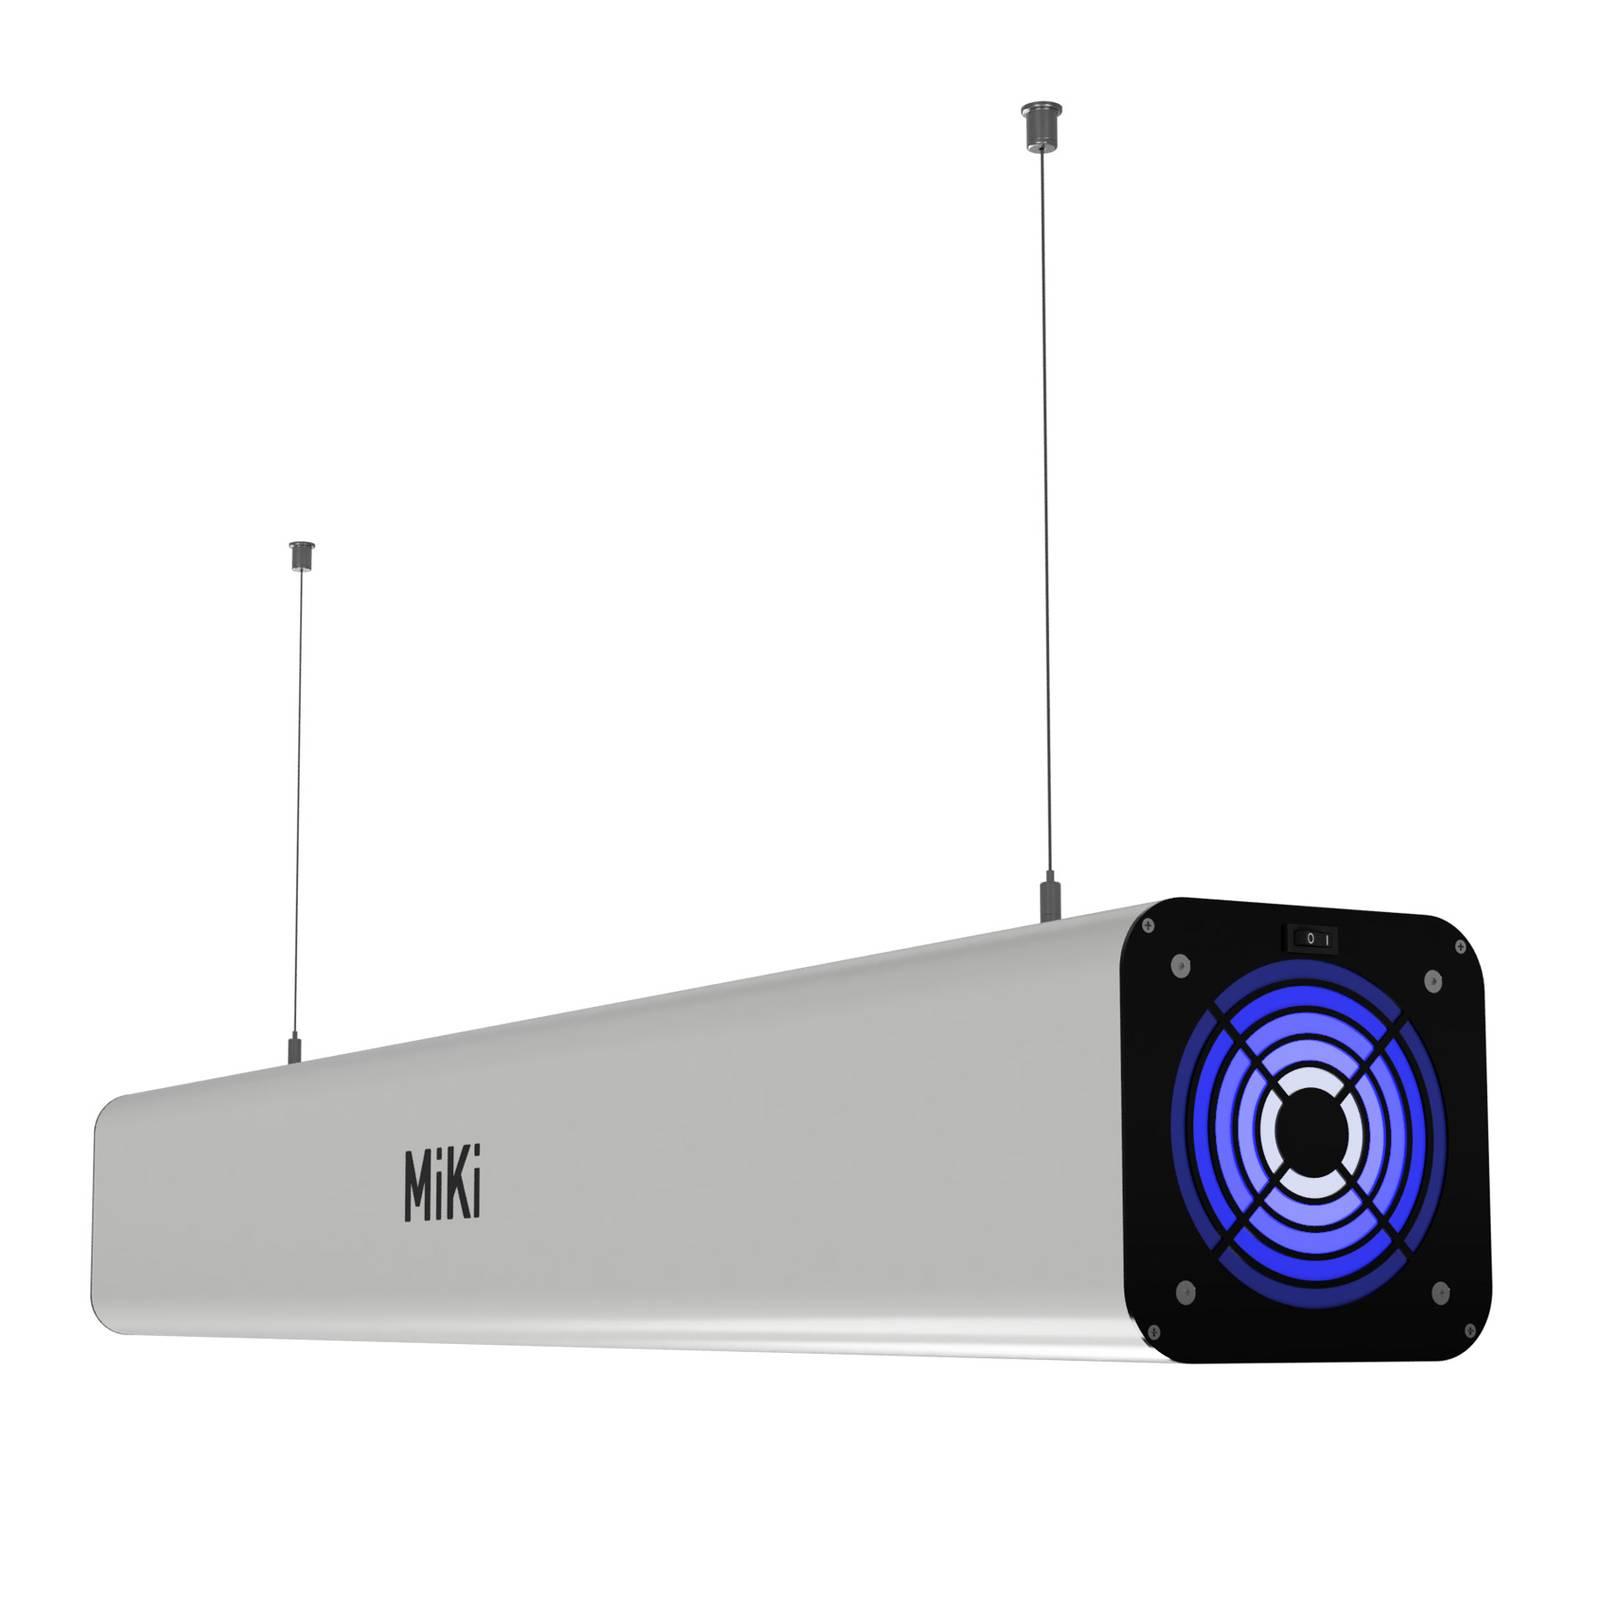 Pendant set for MiKi UV-C air cleaner